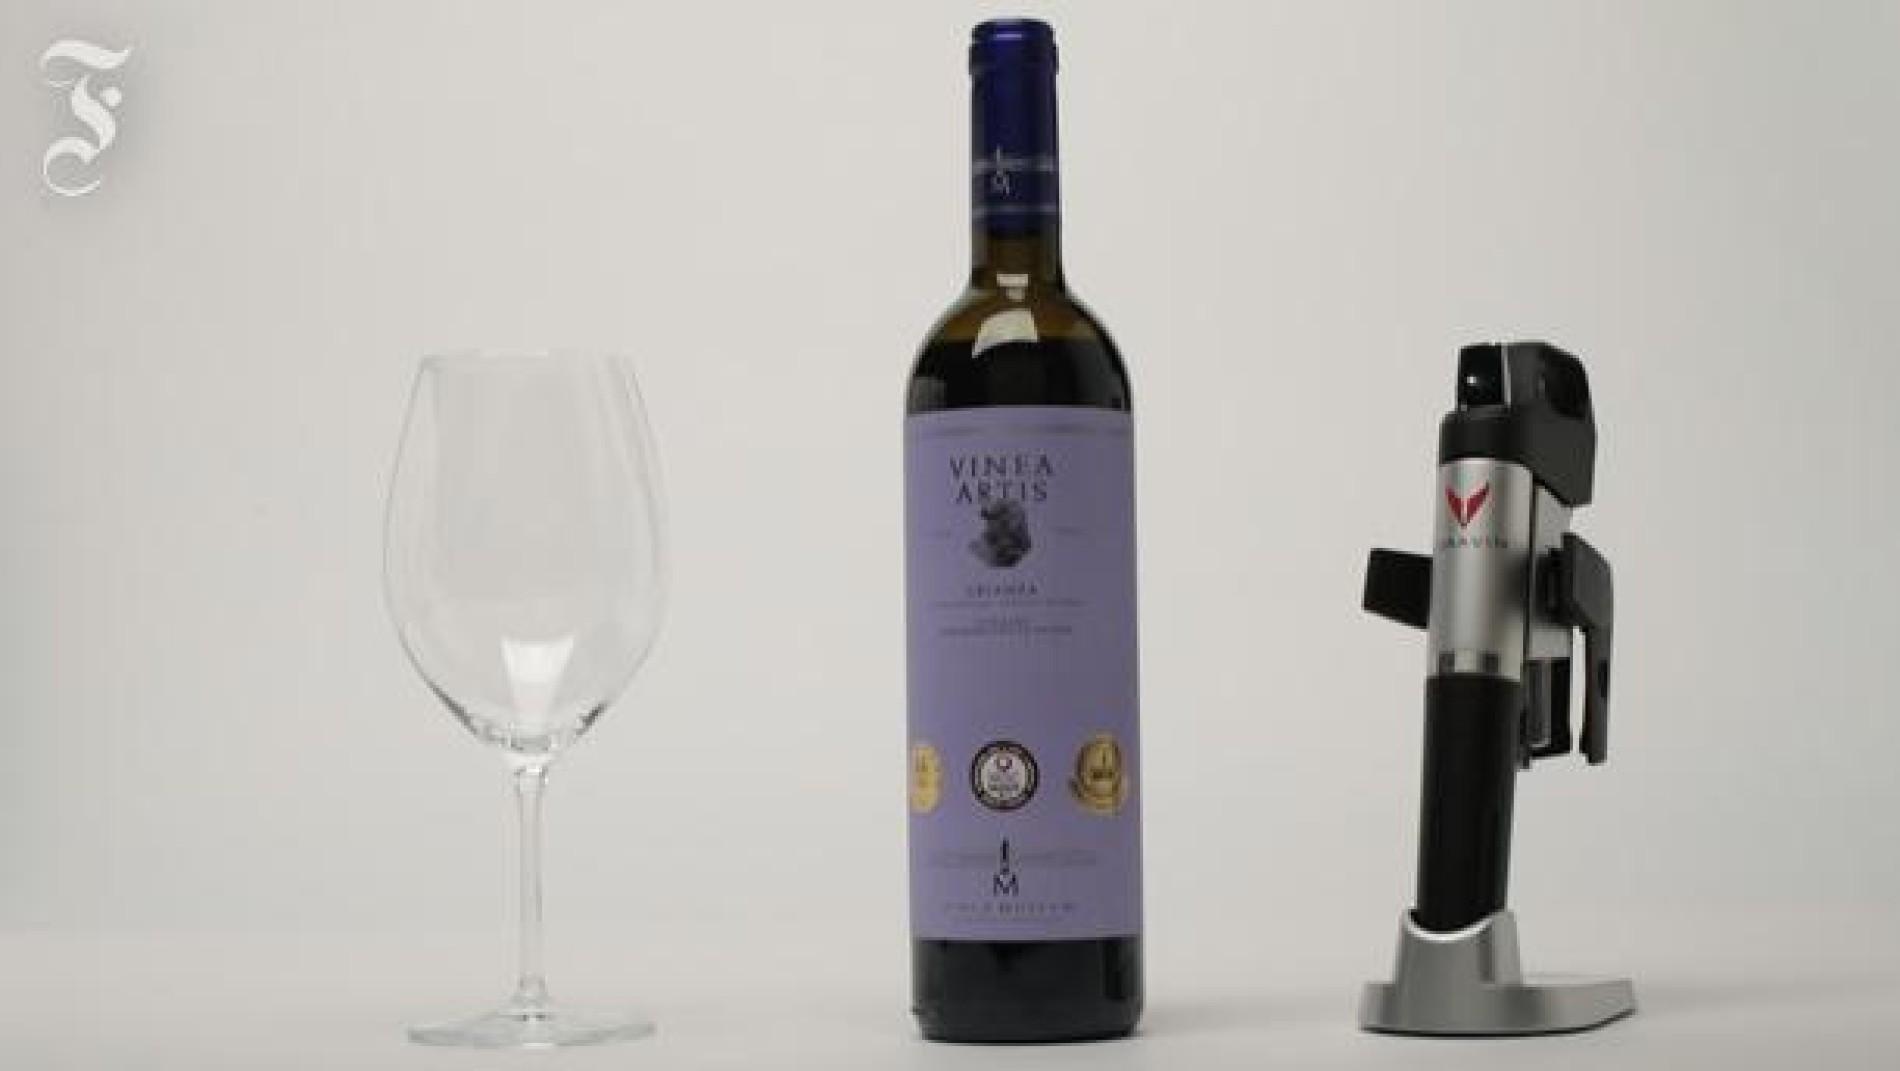 Häufig Flaschenöffner Coravin: Einfach mal den Korken stecken lassen HU93